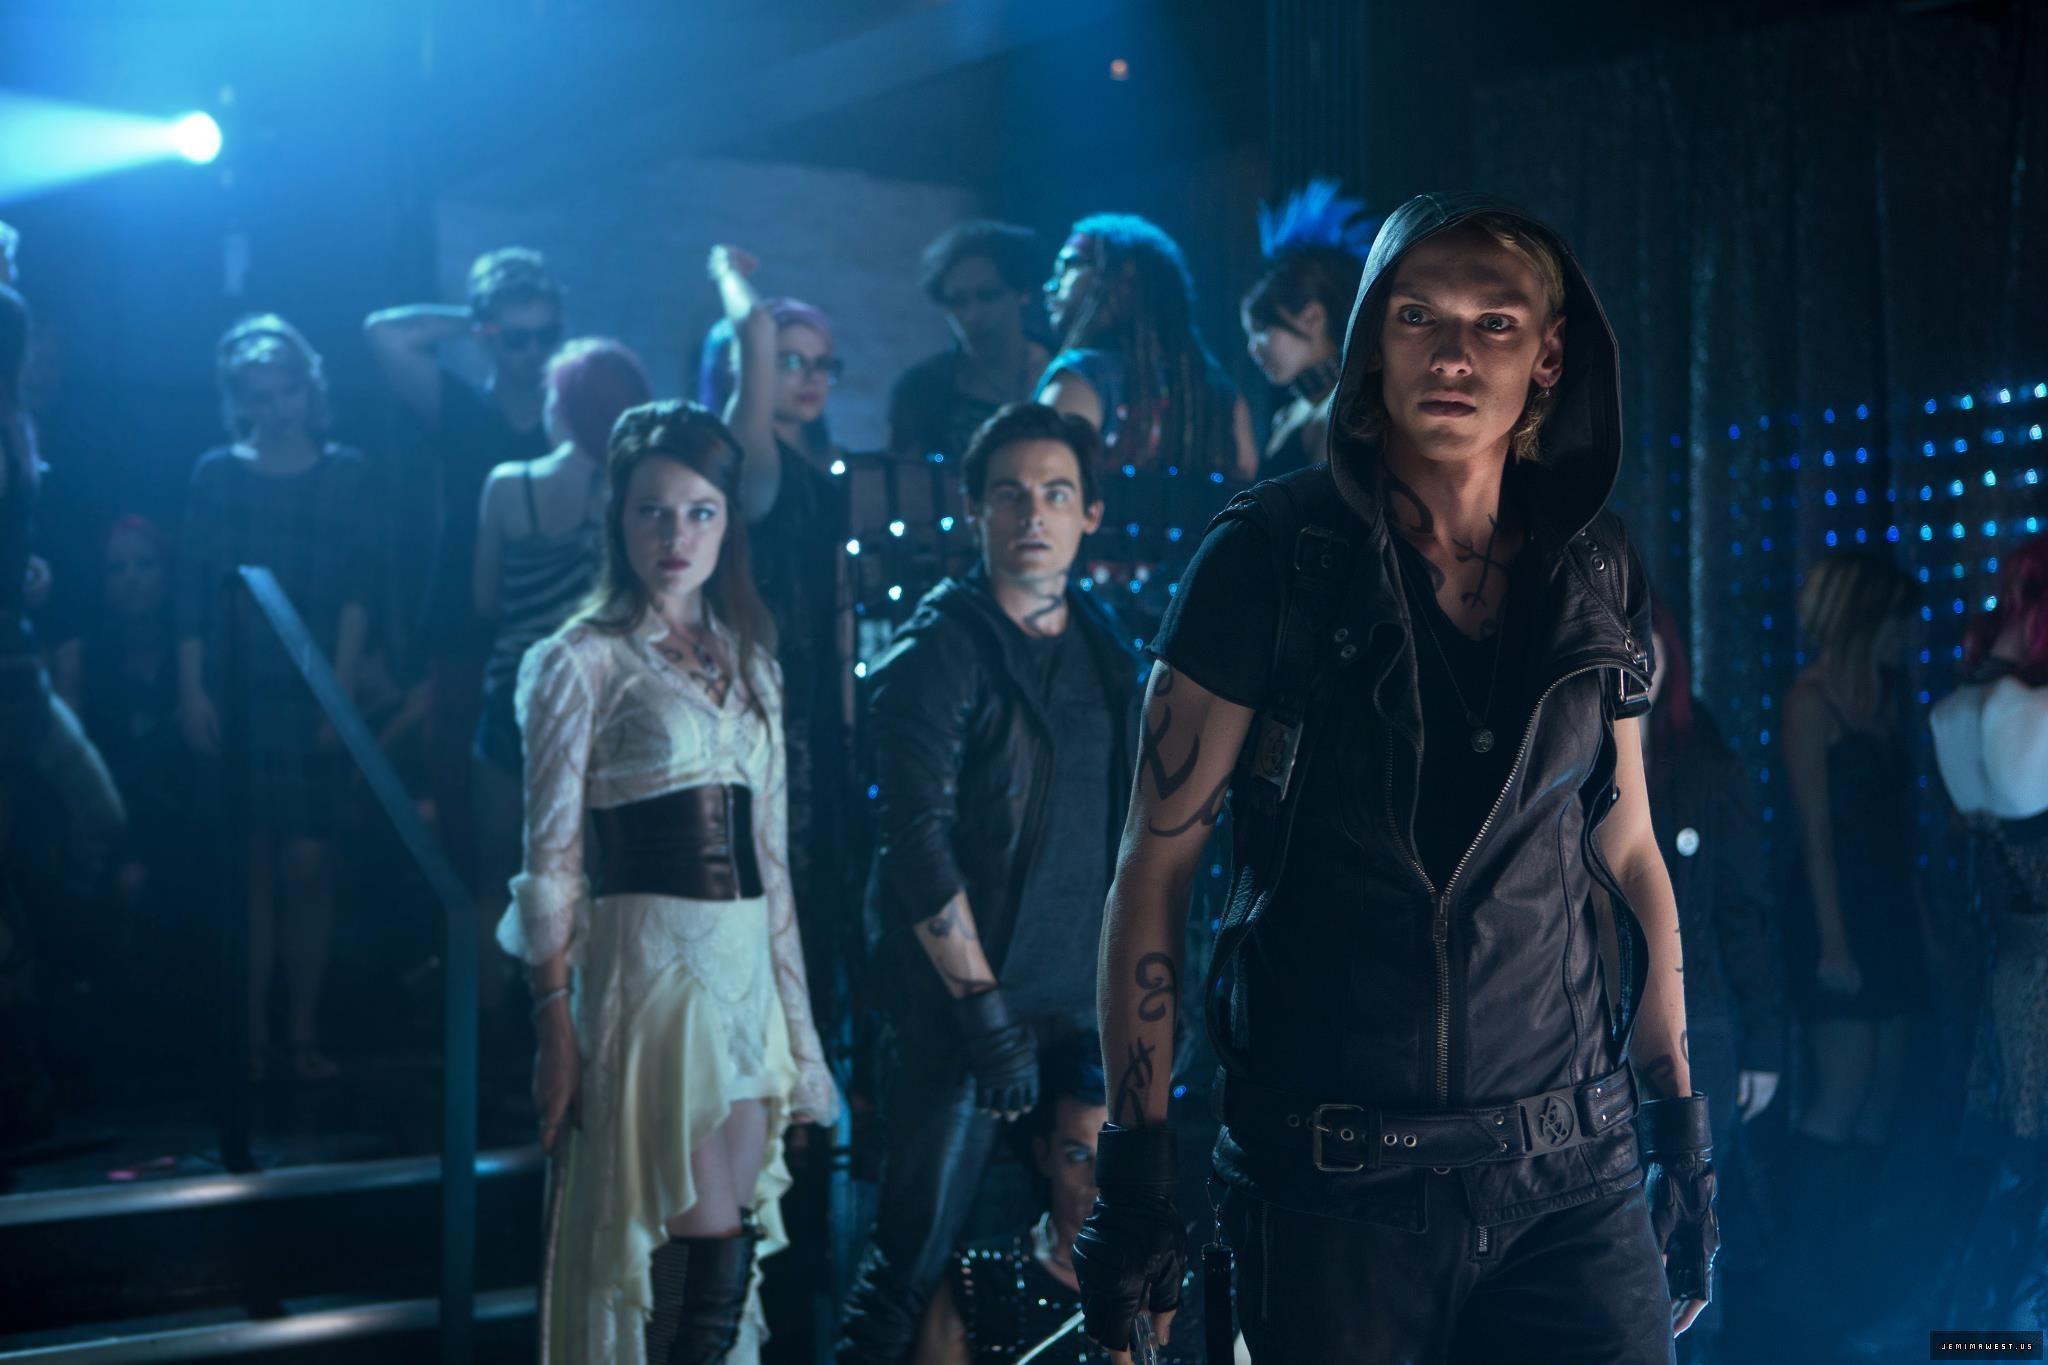 ¿Cómo se llama el club dónde Clary ve a Isabelle, Alec y Jace por primera vez?